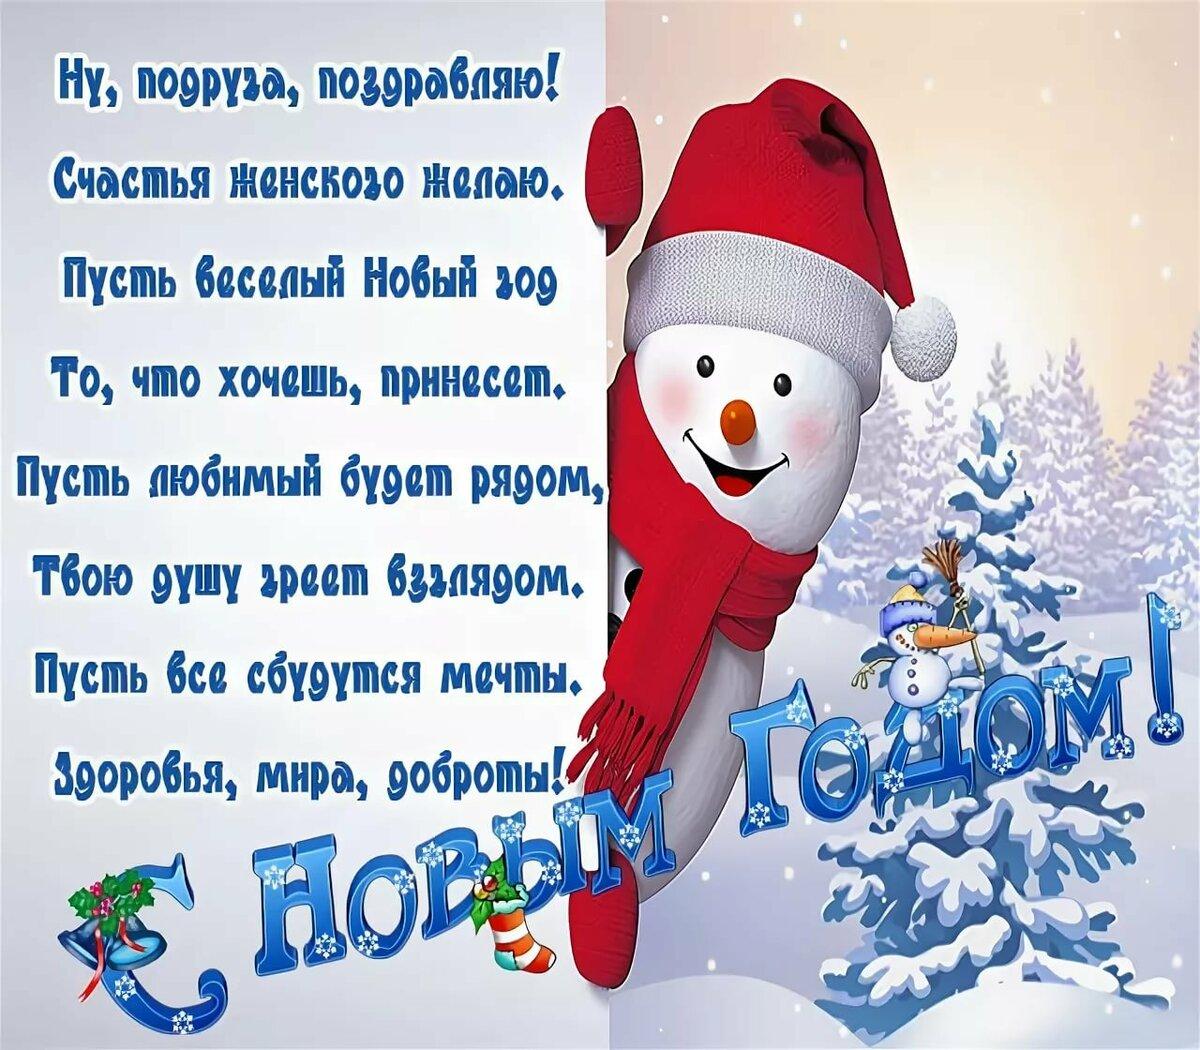 поздравление с новым годом для лучшей подруги в стихах